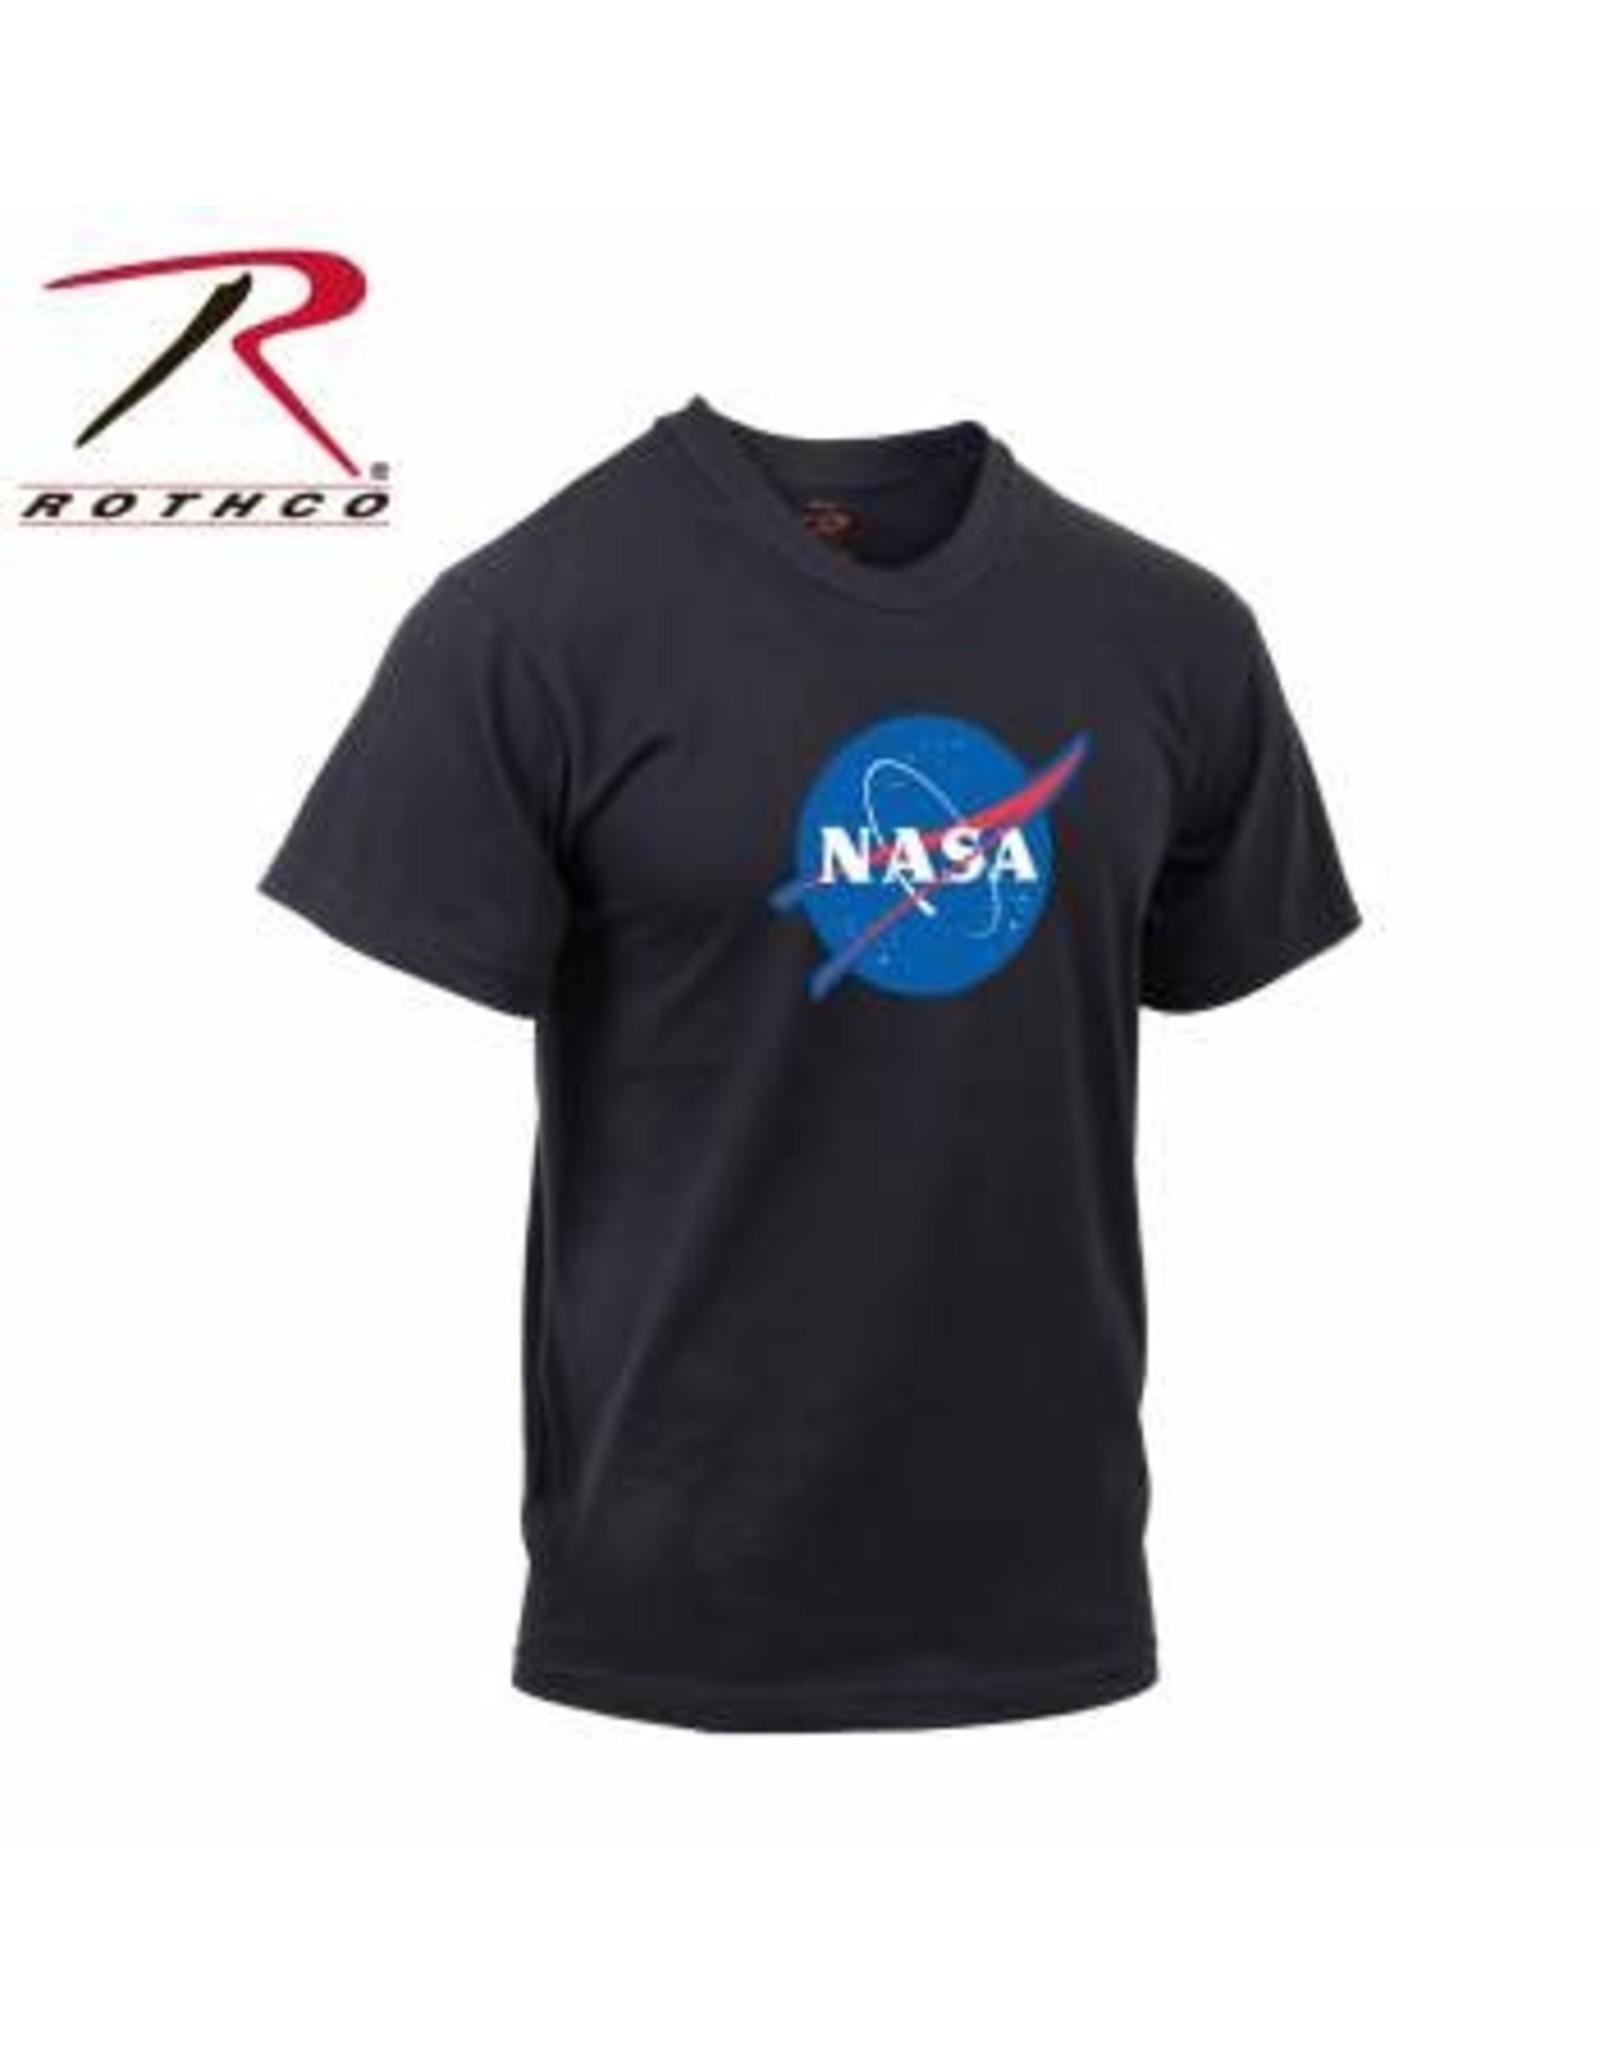 ROTHCO NASA T-SHIRT ROUND LOGO